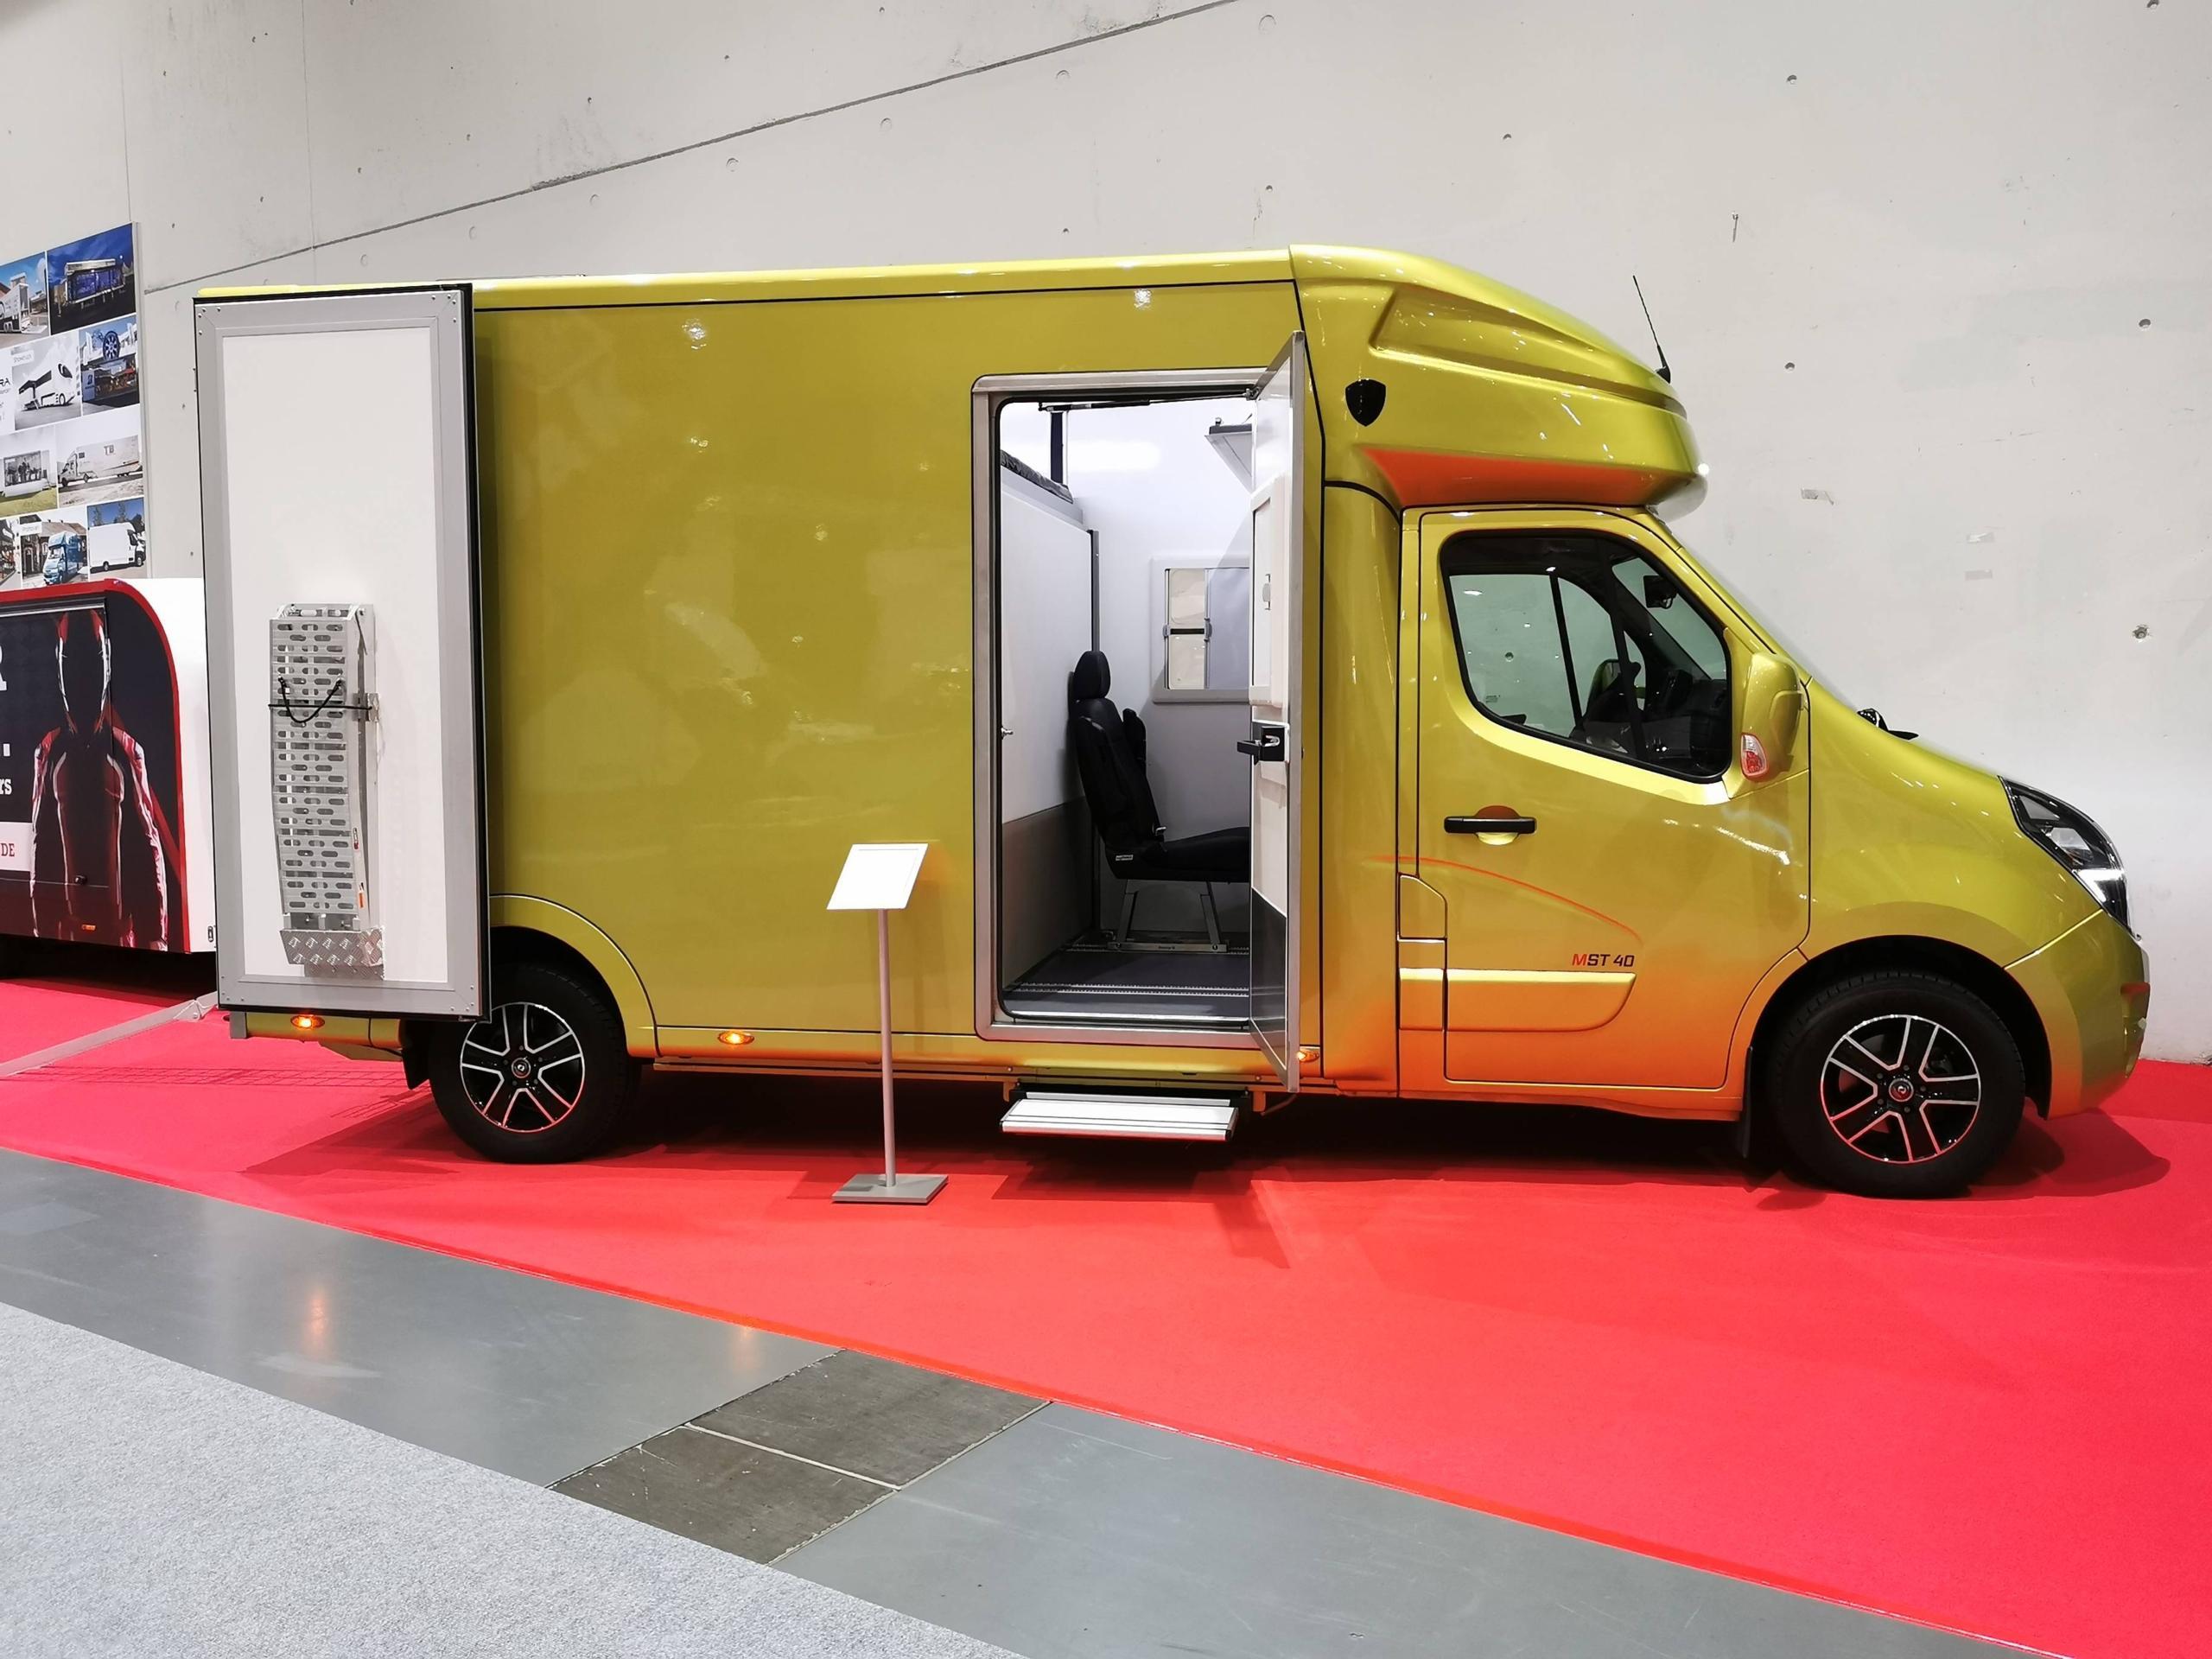 Spectra-mst40-3,5t-wohnmobil-reisemobil-2personen-autark-hubbett-garage